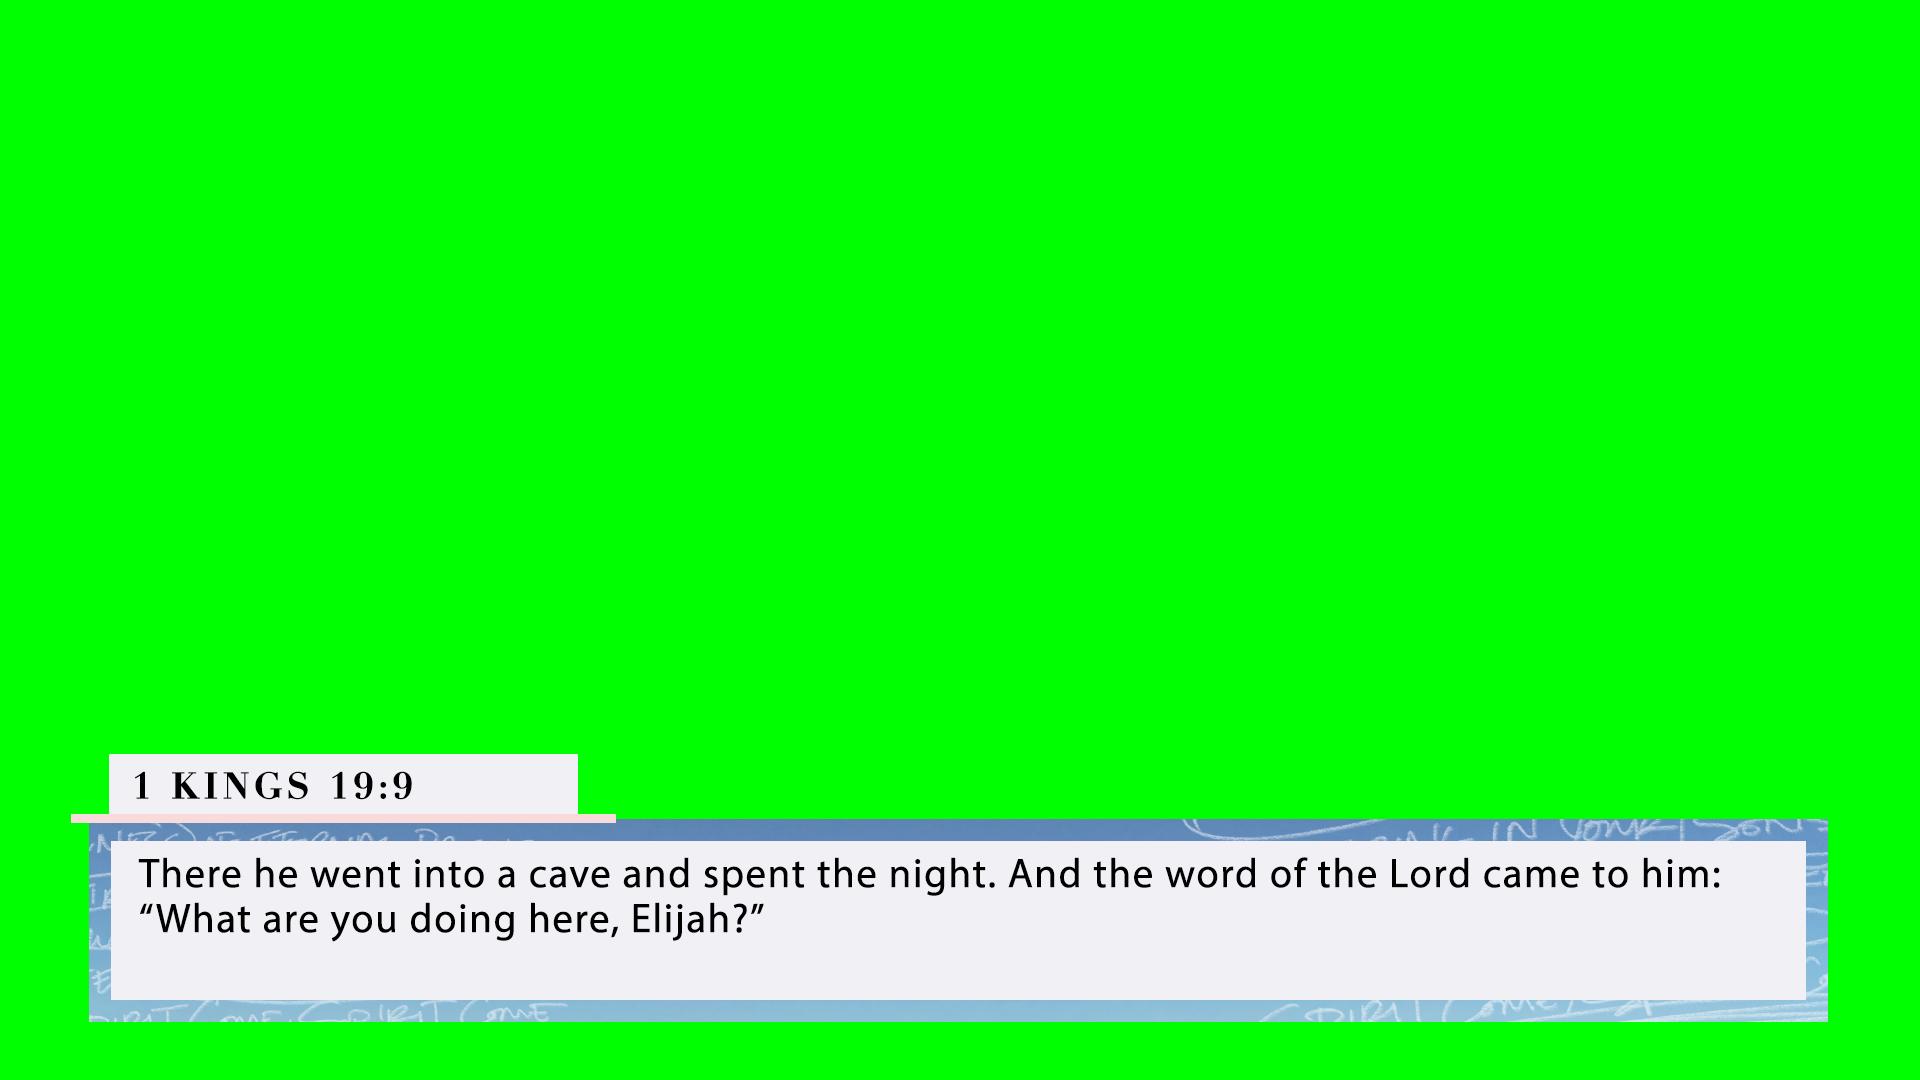 1 Kings 19:9 (JPG)